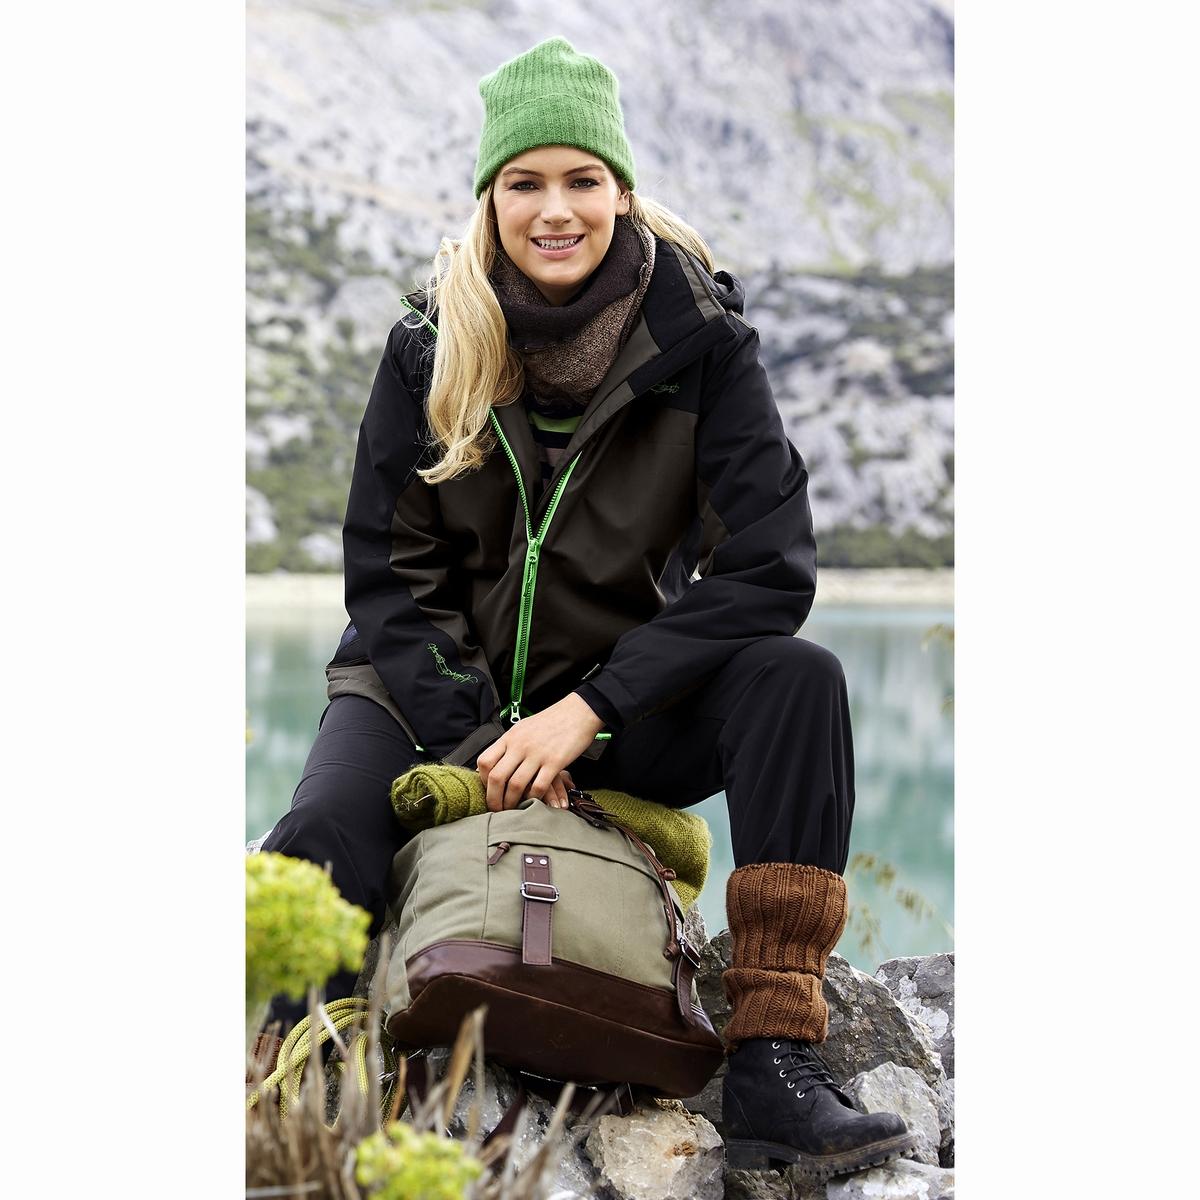 КурткаКуртка, можно также носить в качестве лыжной куртки, двухцветная и функциональная : защищающая от ветра, непромокаемая, дышащая. Куртка на тонкой подкладке со съемным капюшоном, застежка на молнию, 2 кармана на молнии. Длинные рукава, края рукавов на резинке с регулировочной планкой. Вшитая подкладка, частично из флиса. Длина в зависимости от размера 74-82 см.<br><br>Цвет: каштановый<br>Размер: 44/46 (FR) - 50/52 (RUS).52/54 (FR) - 58/60 (RUS).48/50 (FR) - 54/56 (RUS)